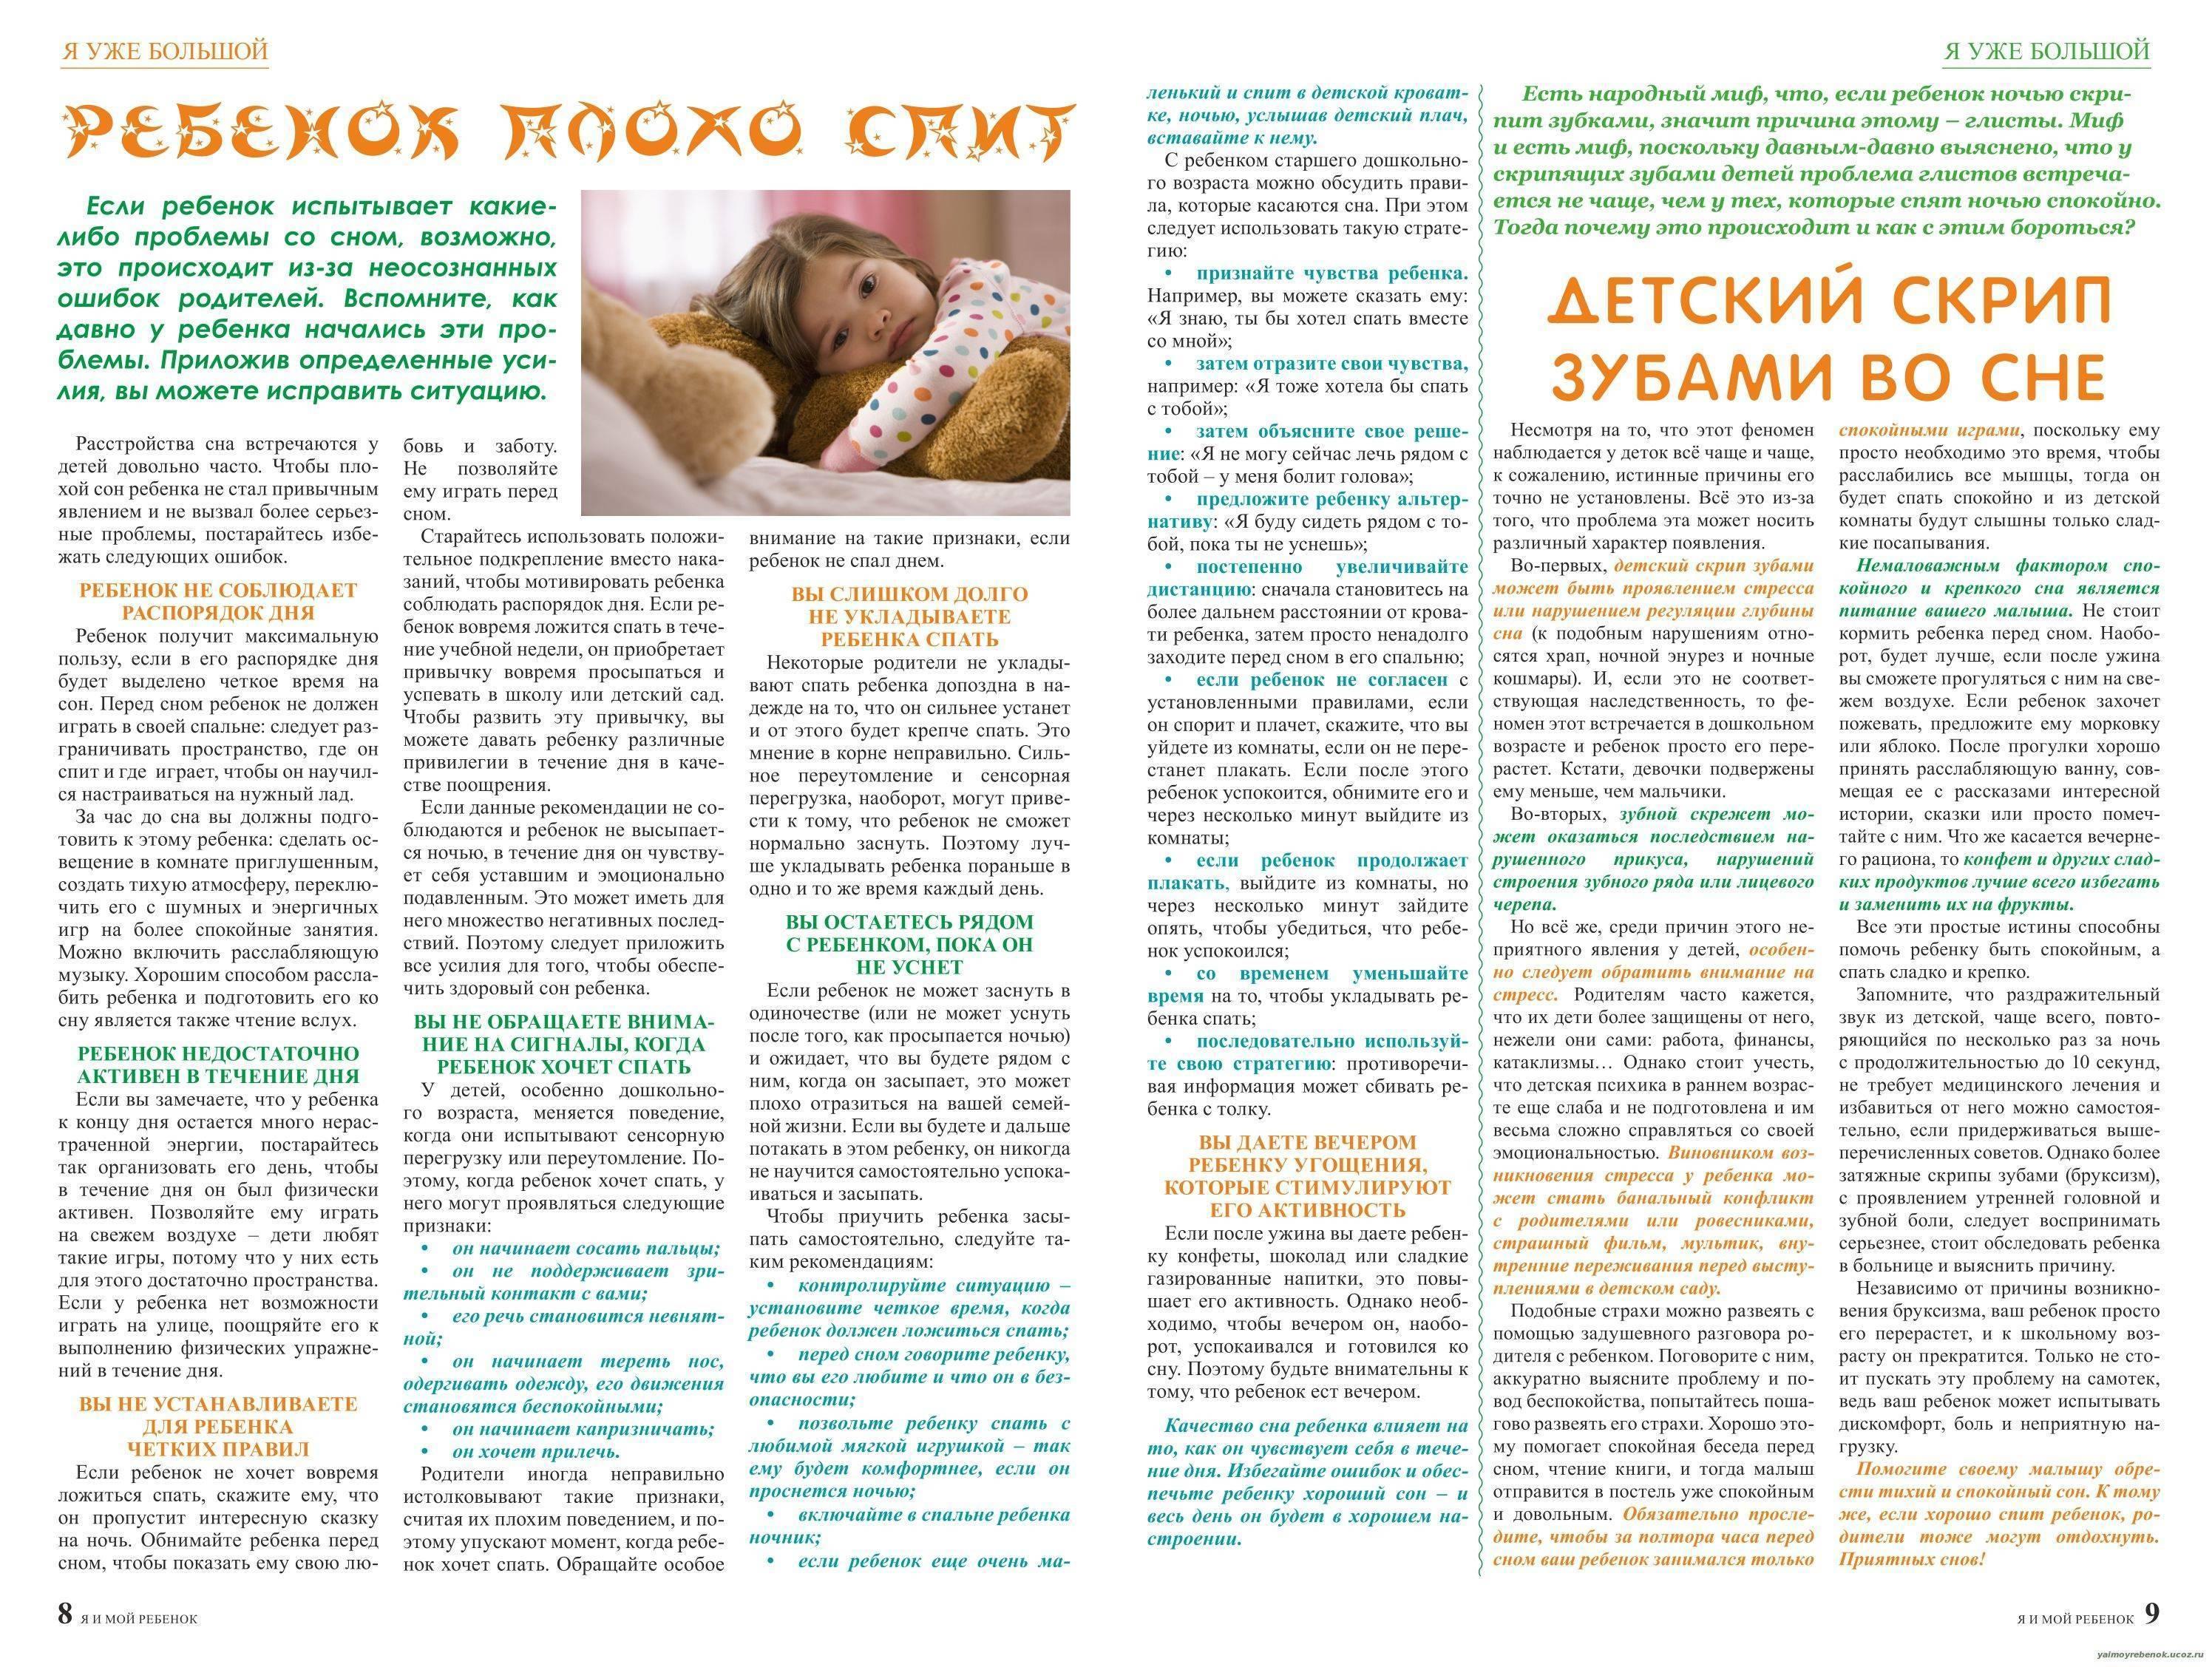 Как уложить спать ребёнка в 6 месяцев: методы и эффективные рекомендации специалистов по организации сна